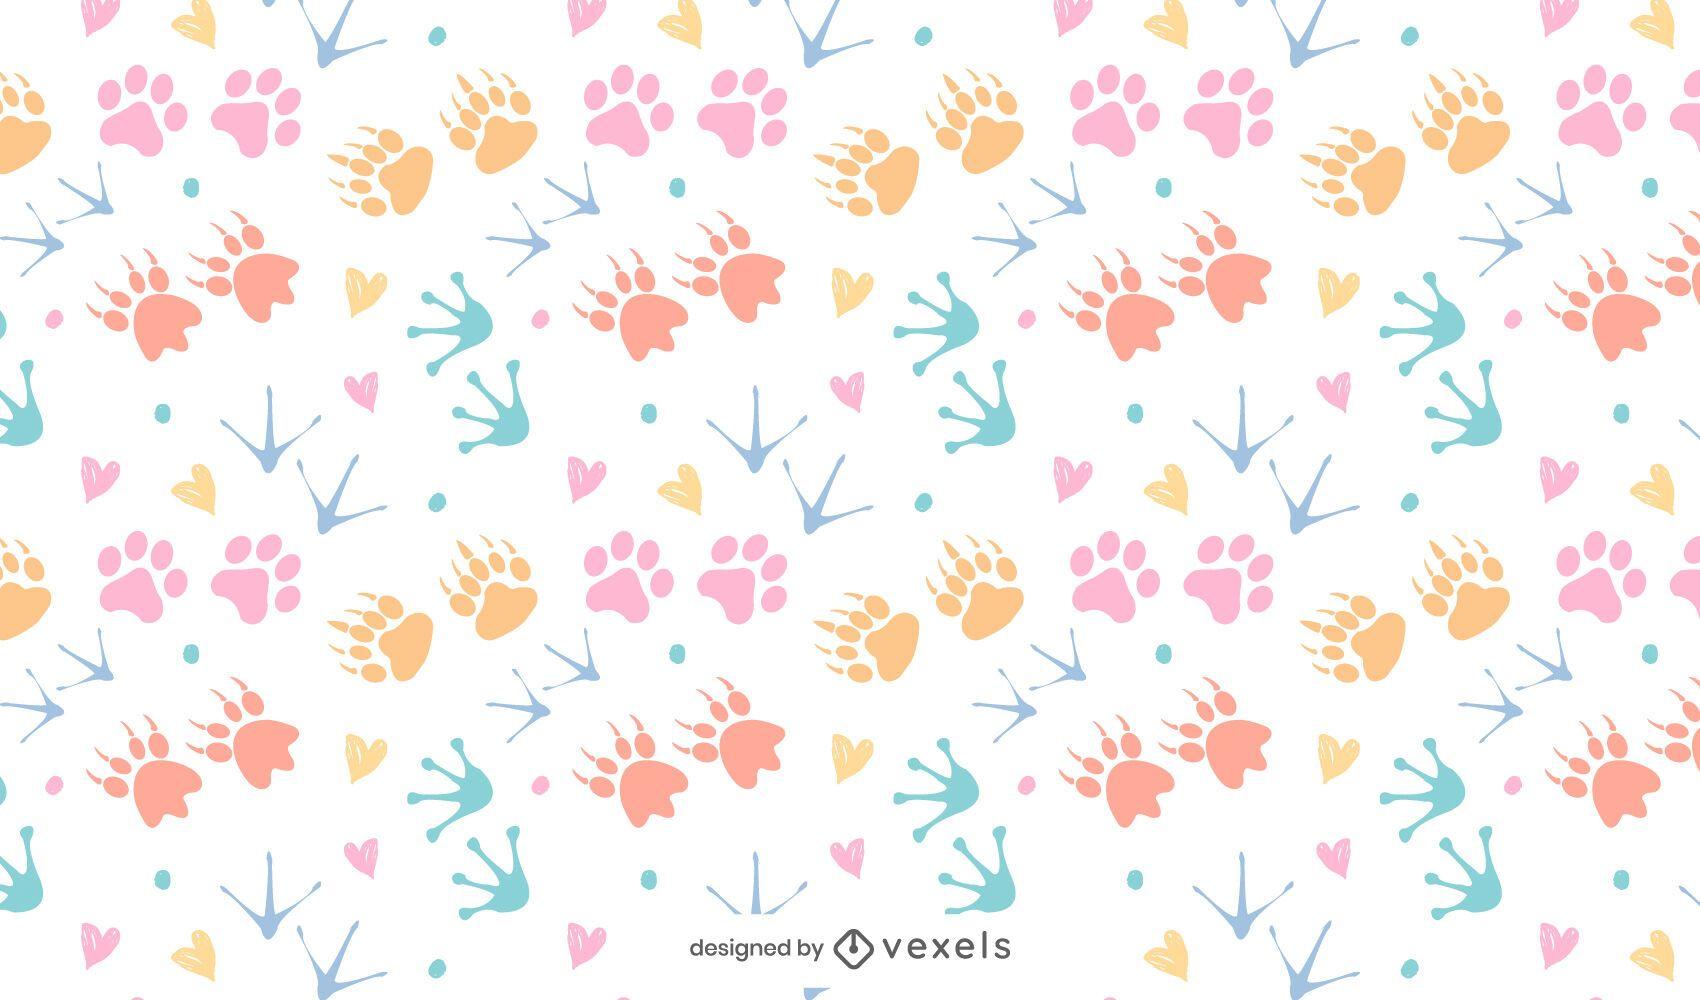 Diseño de patrón de colores con estampado animal